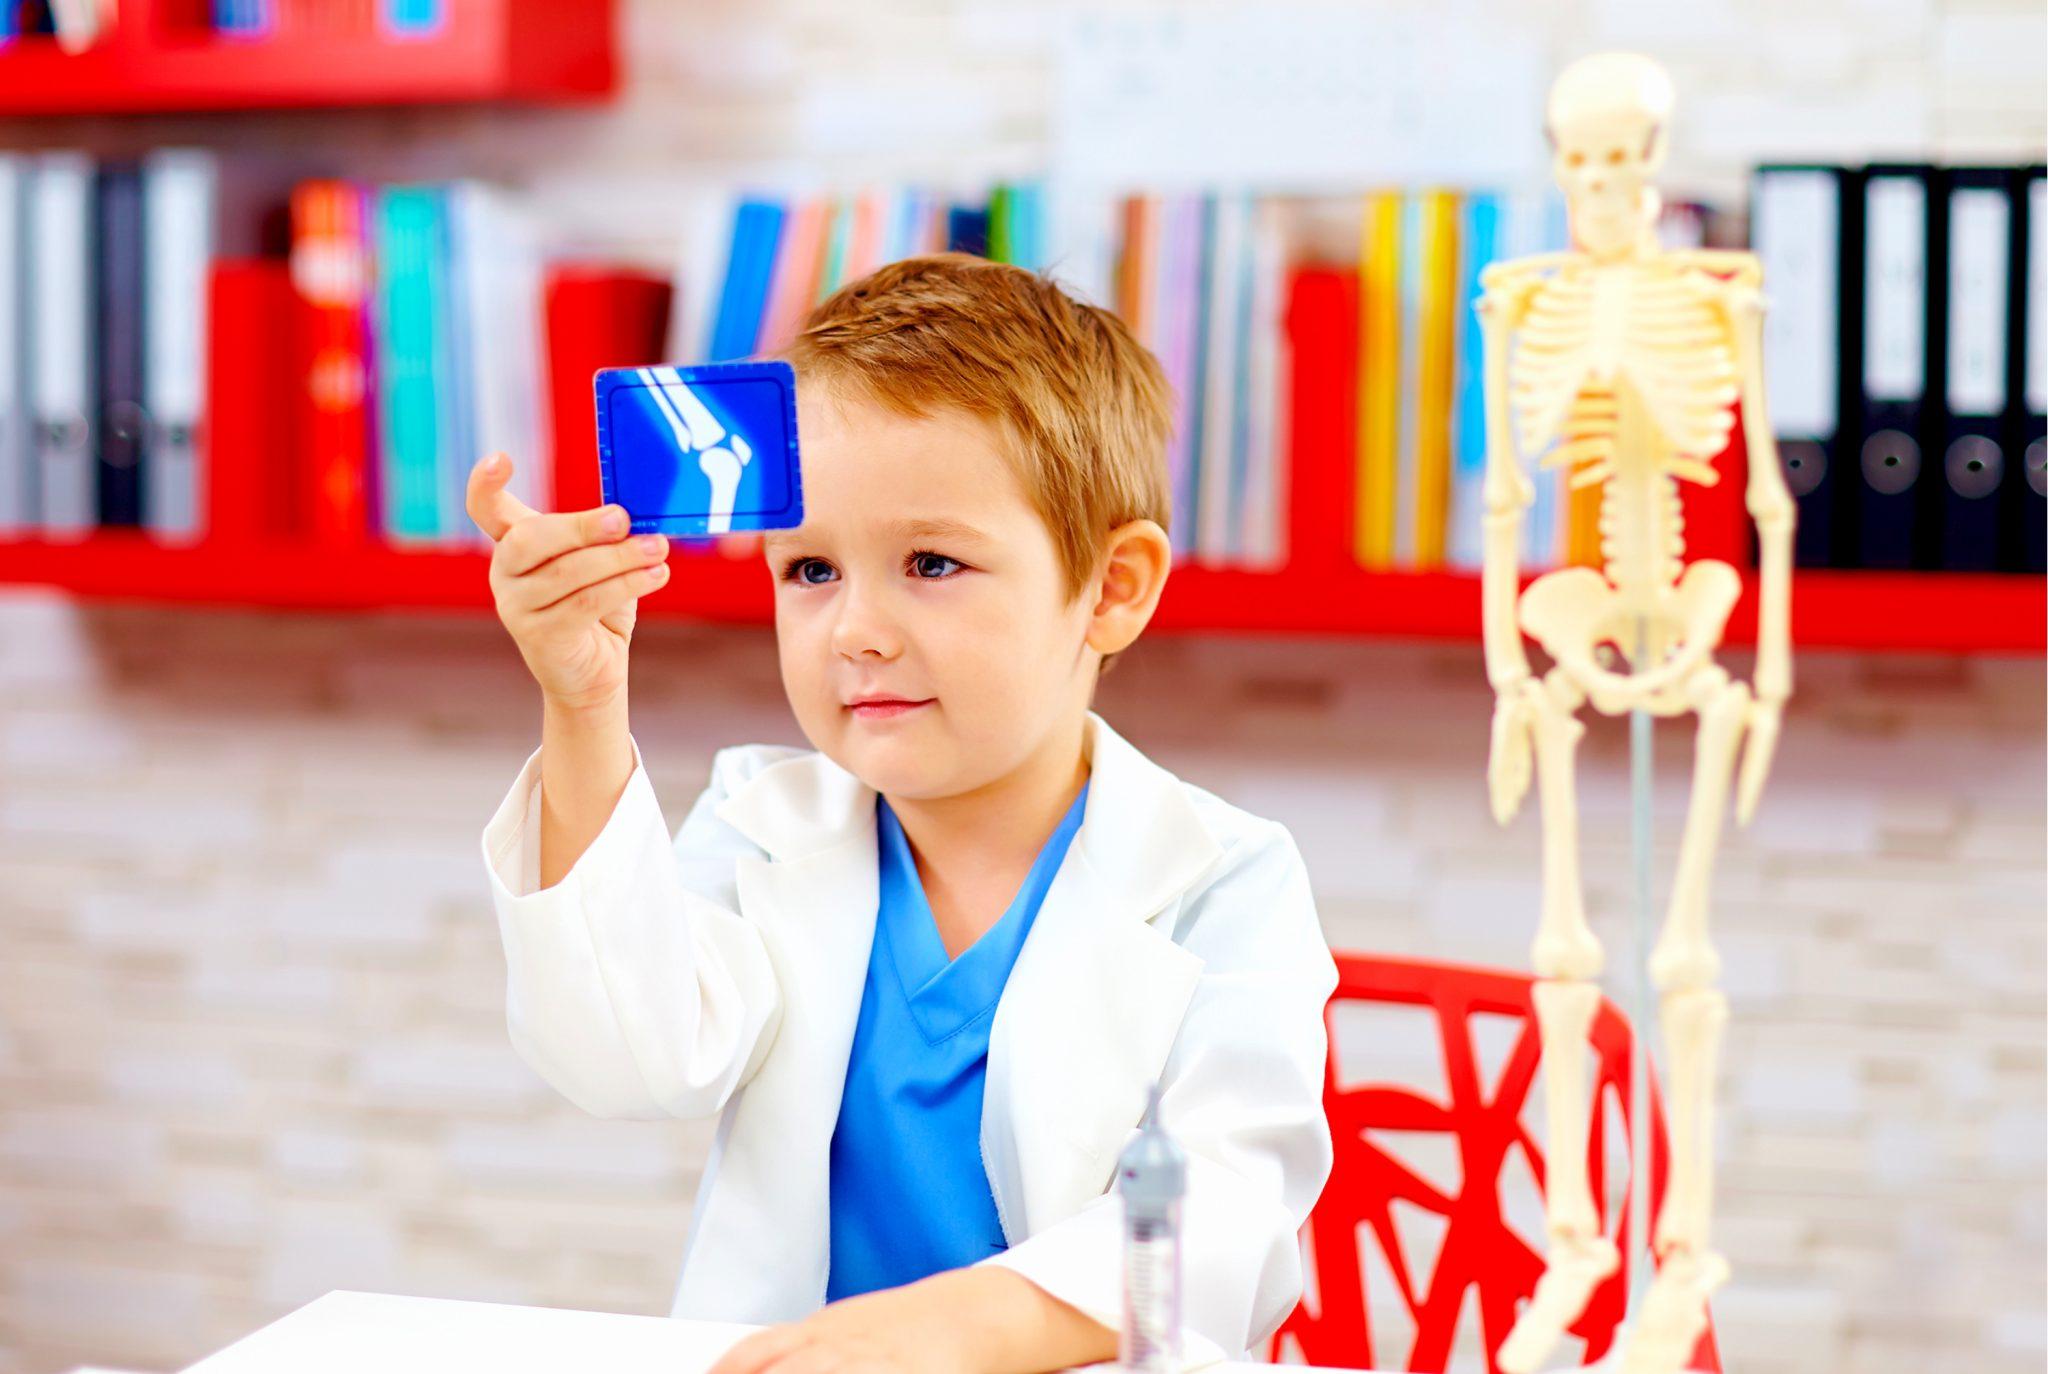 骨のレントゲンを見てお医者さんごっこをしている男の子